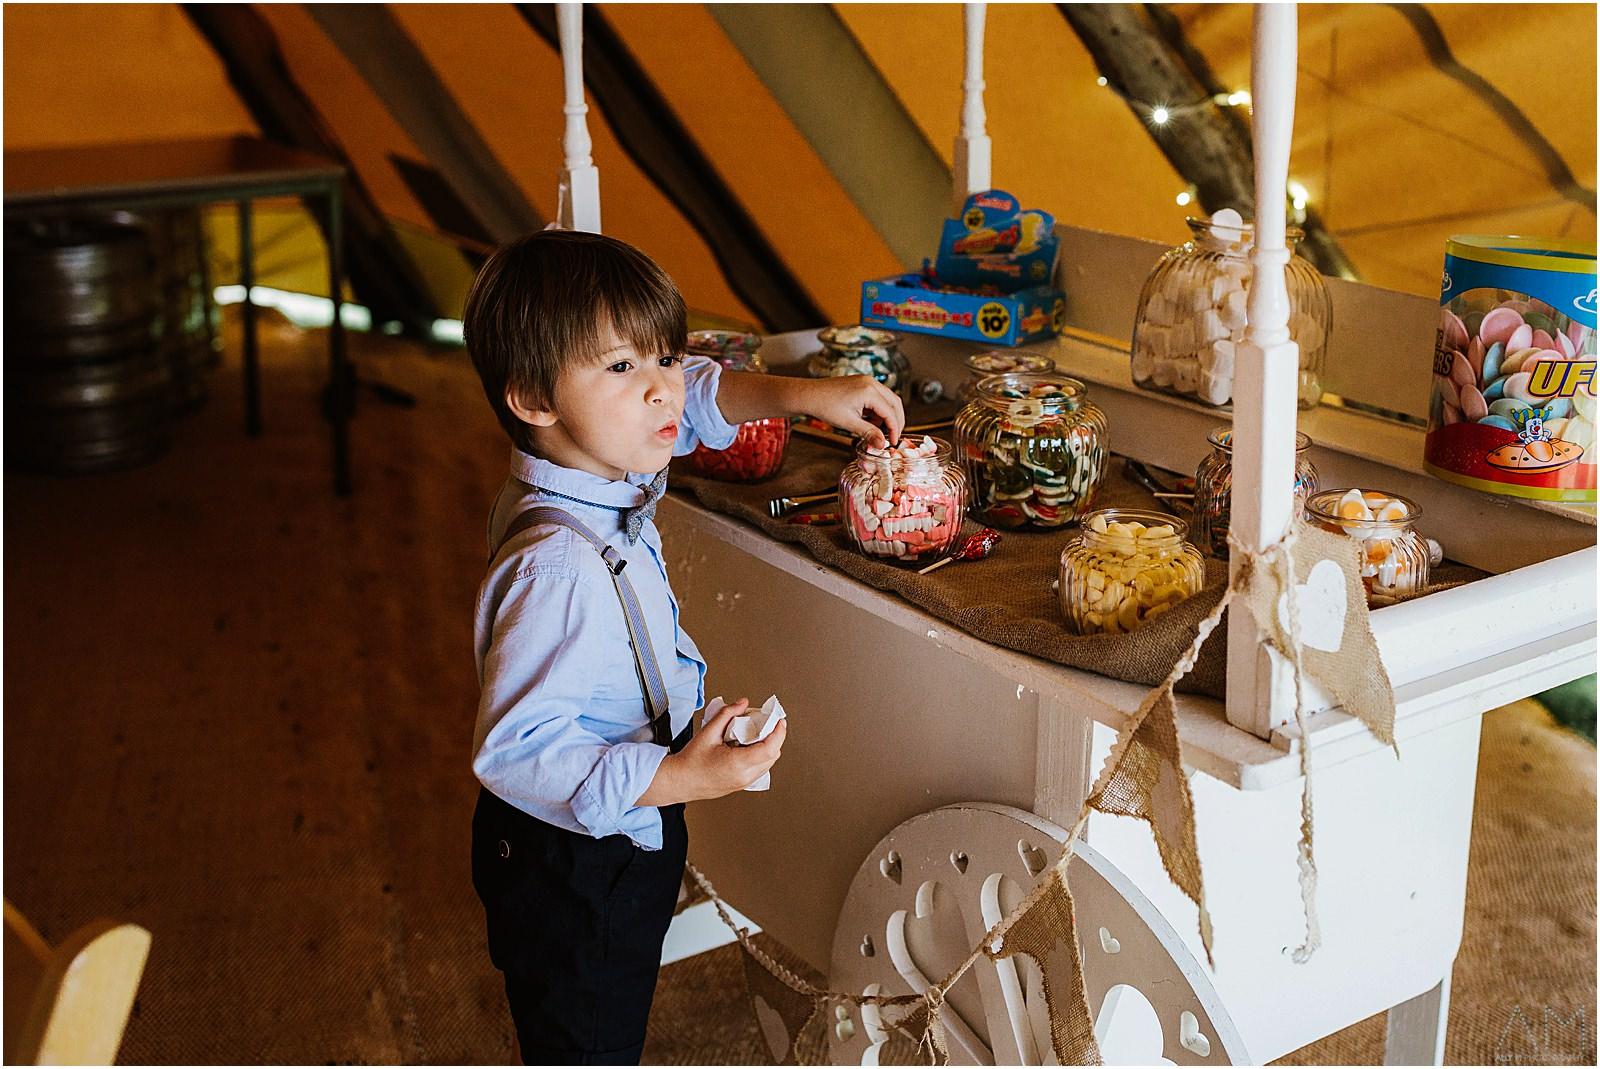 Kid pinching sweets